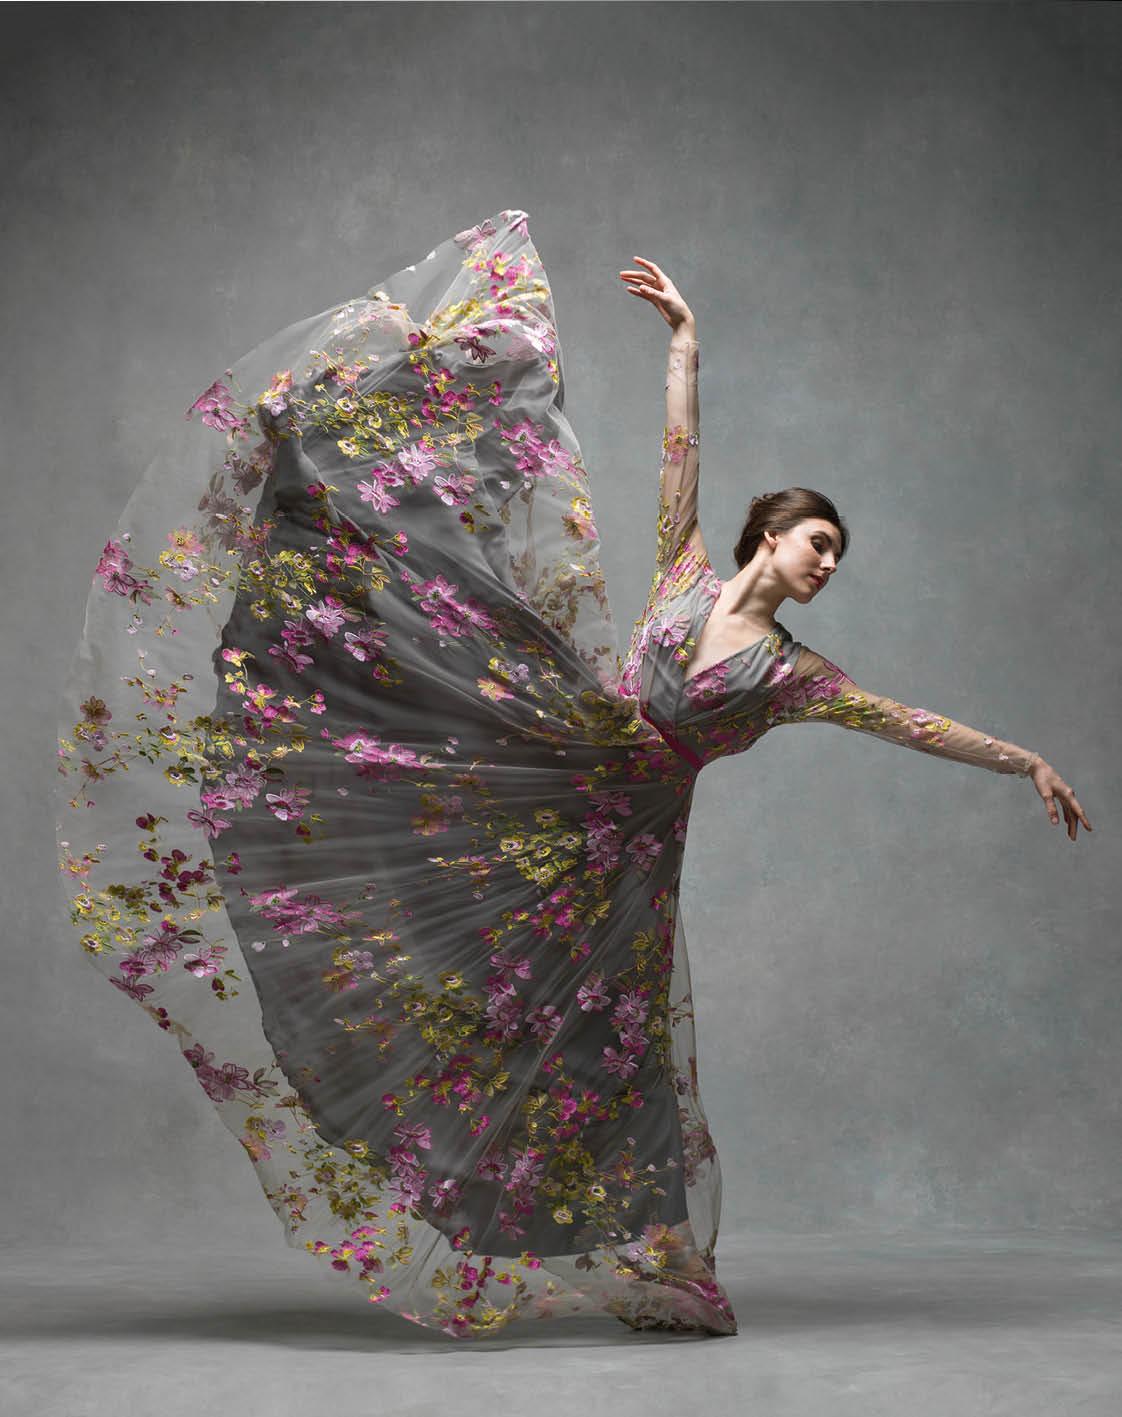 Tiler Peck © Ken Browar and Deborah Ory · www.nycdanceproject.com.